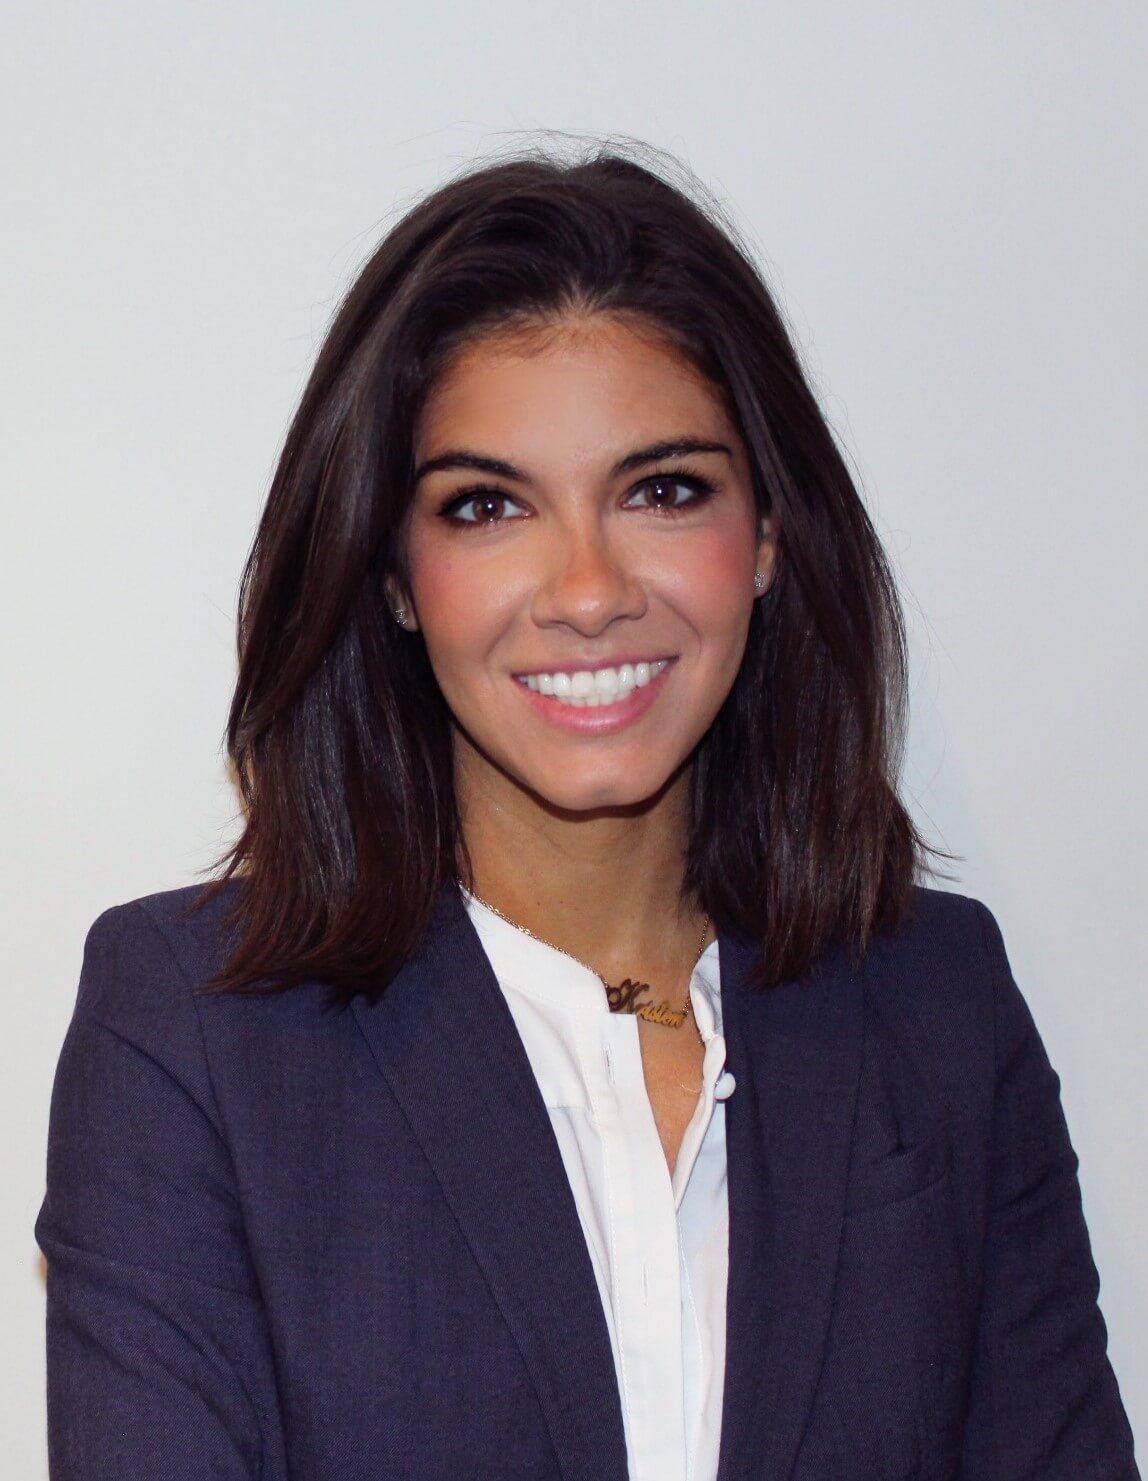 Kristen E. Marinaccio